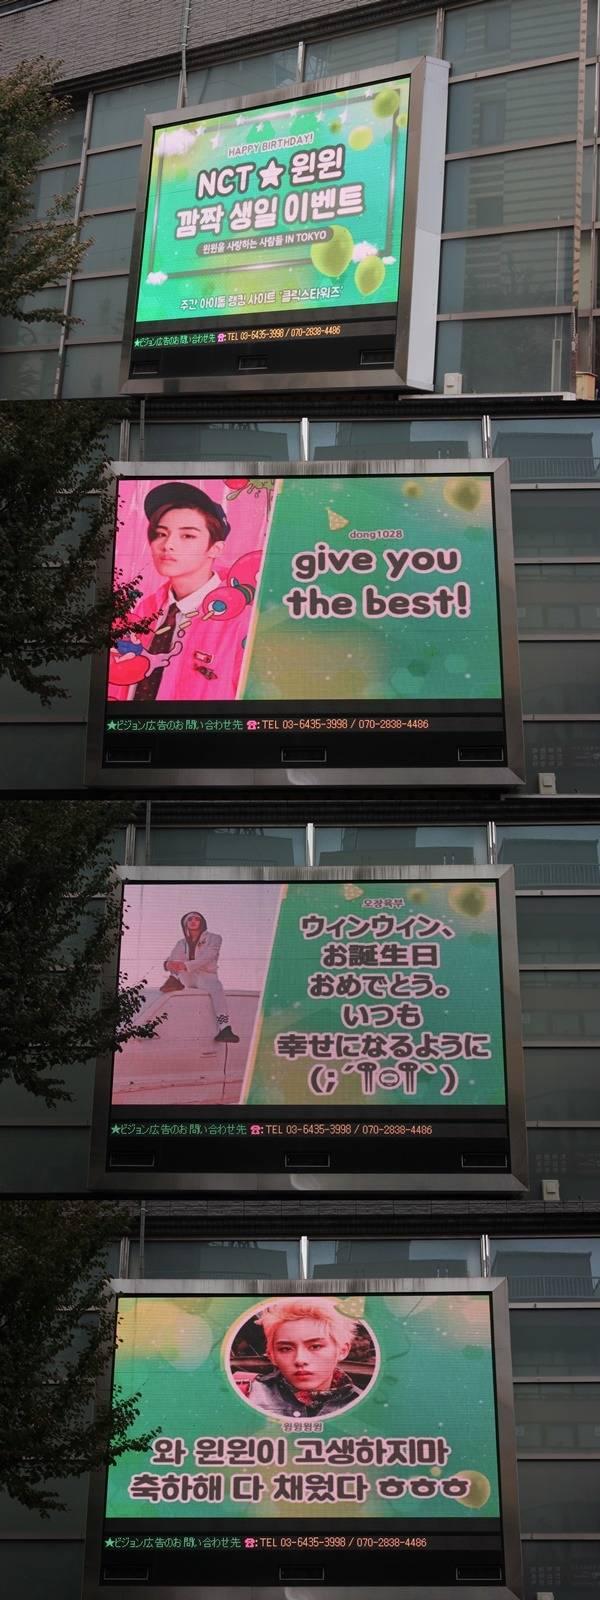 東京・新大久保電光掲示板でサプライズ動画を上映。|写真:Click! StarWars